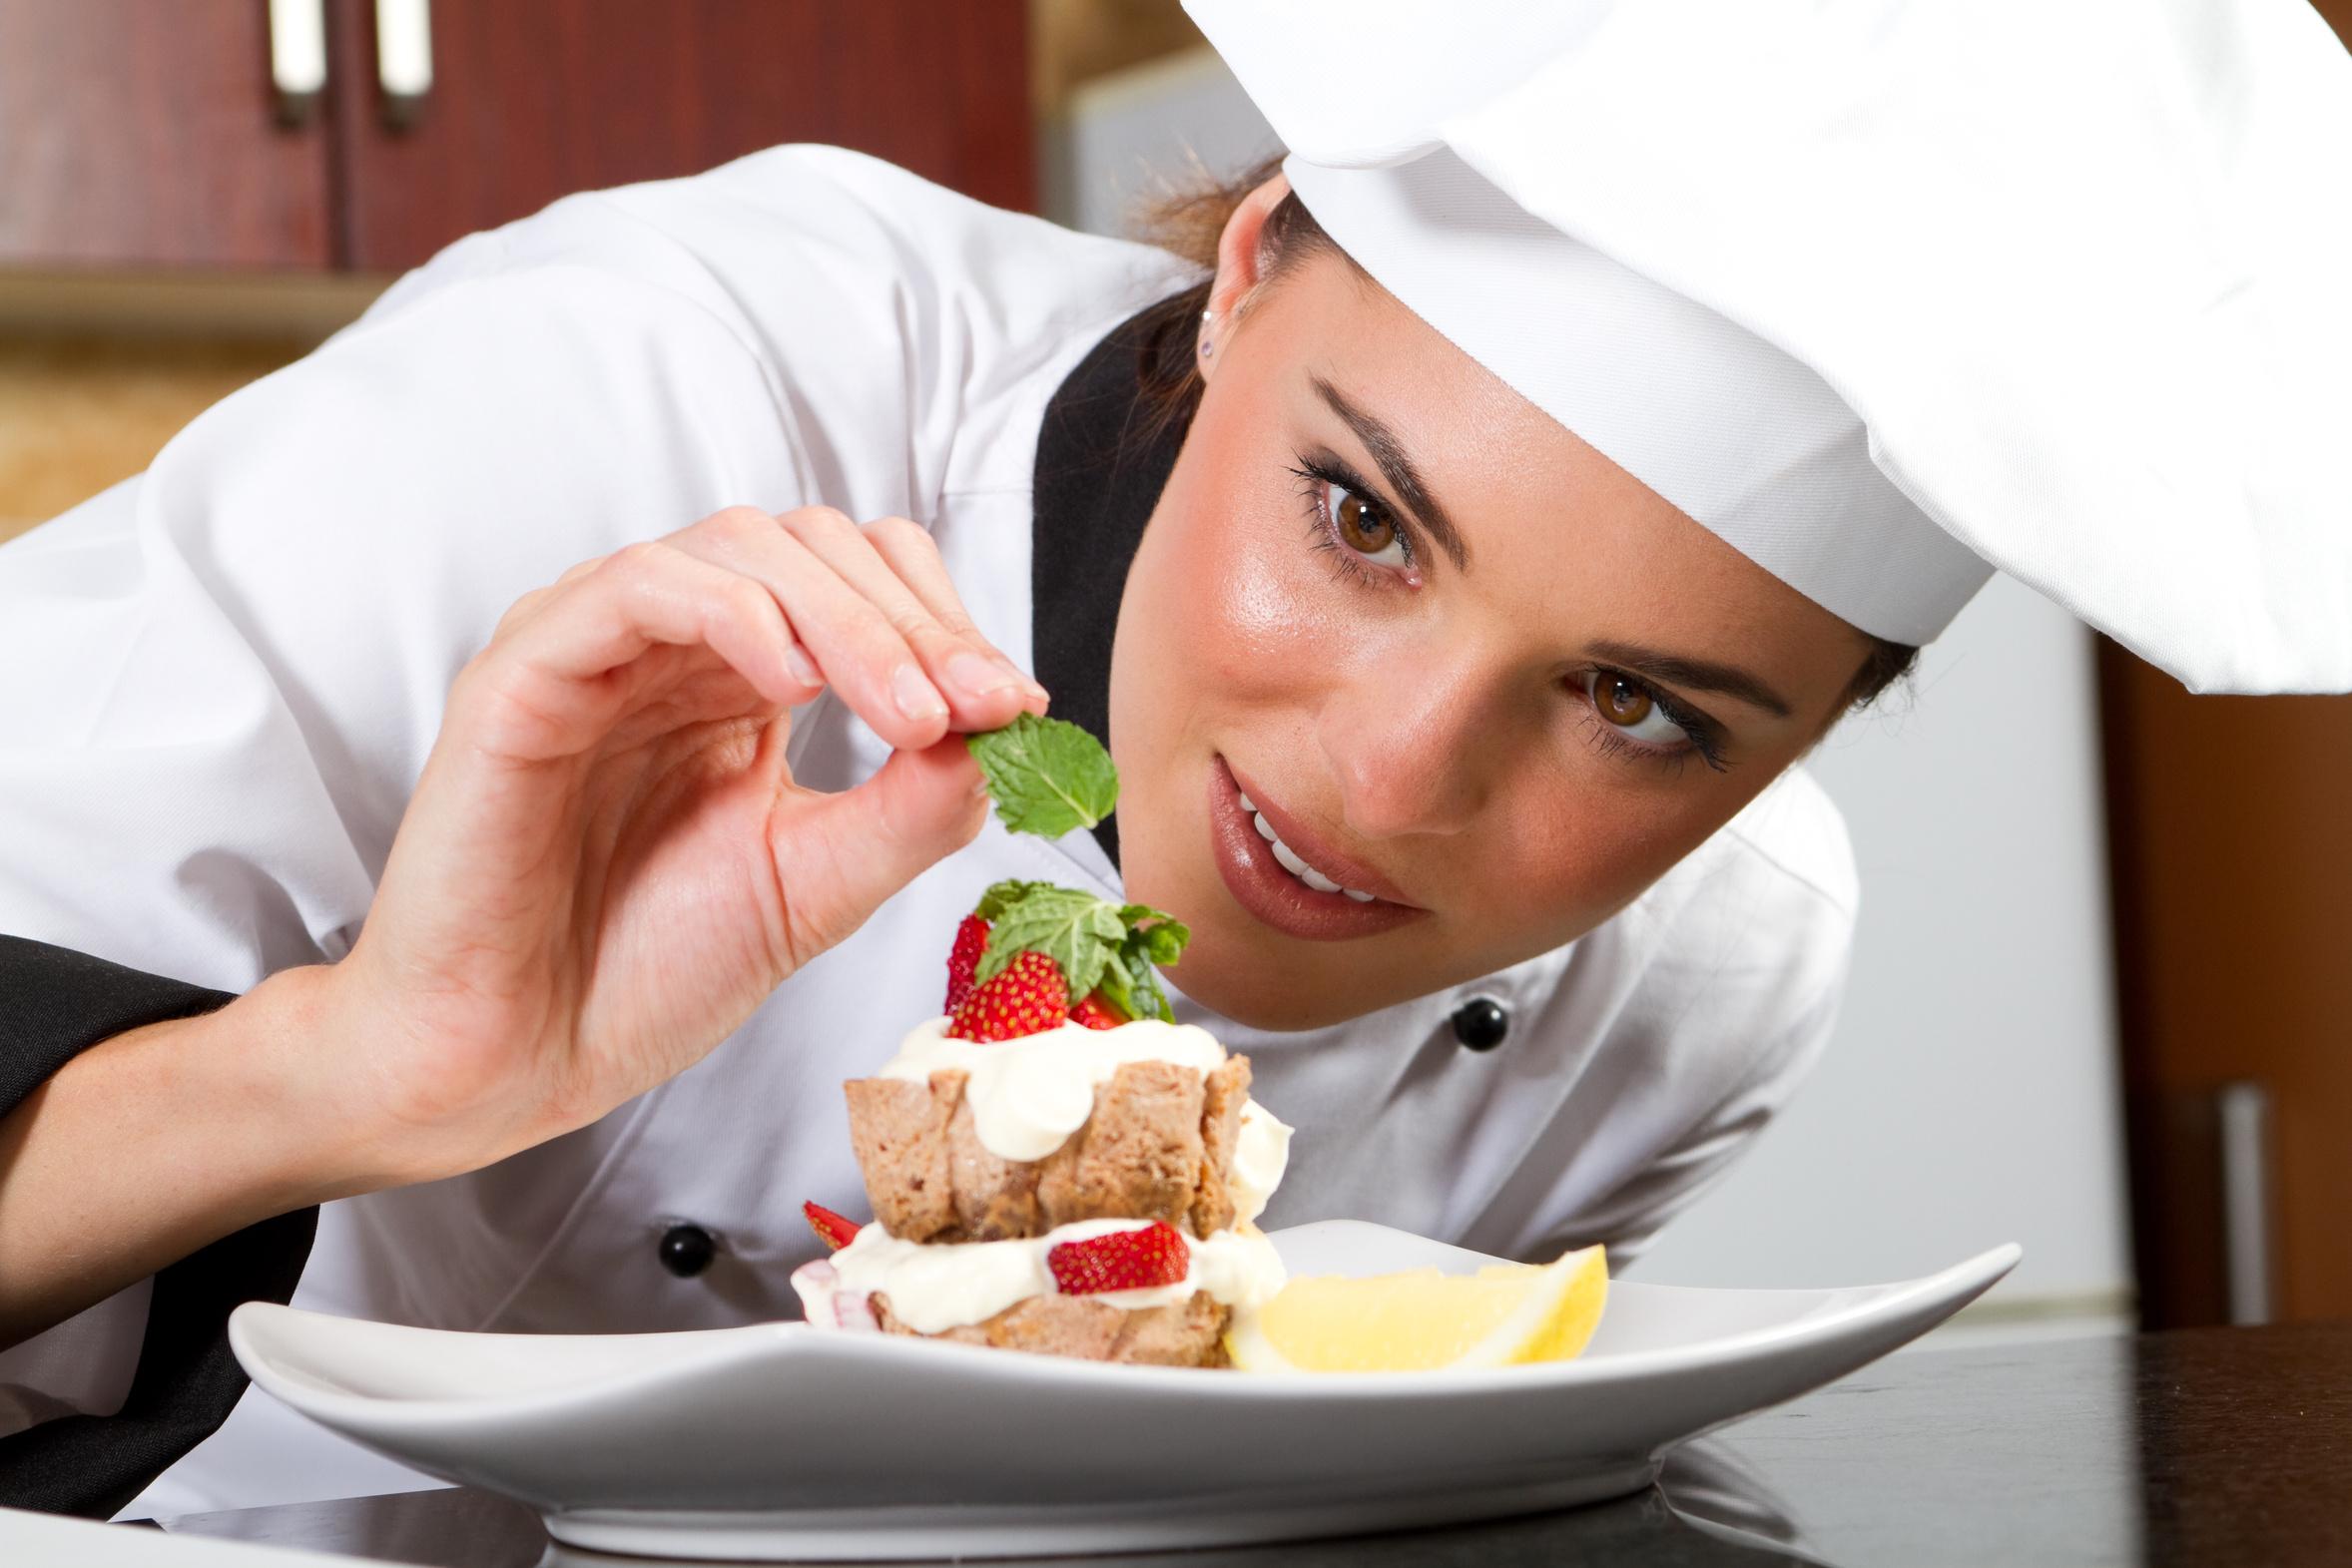 увеличение кулинария с картинками канвы